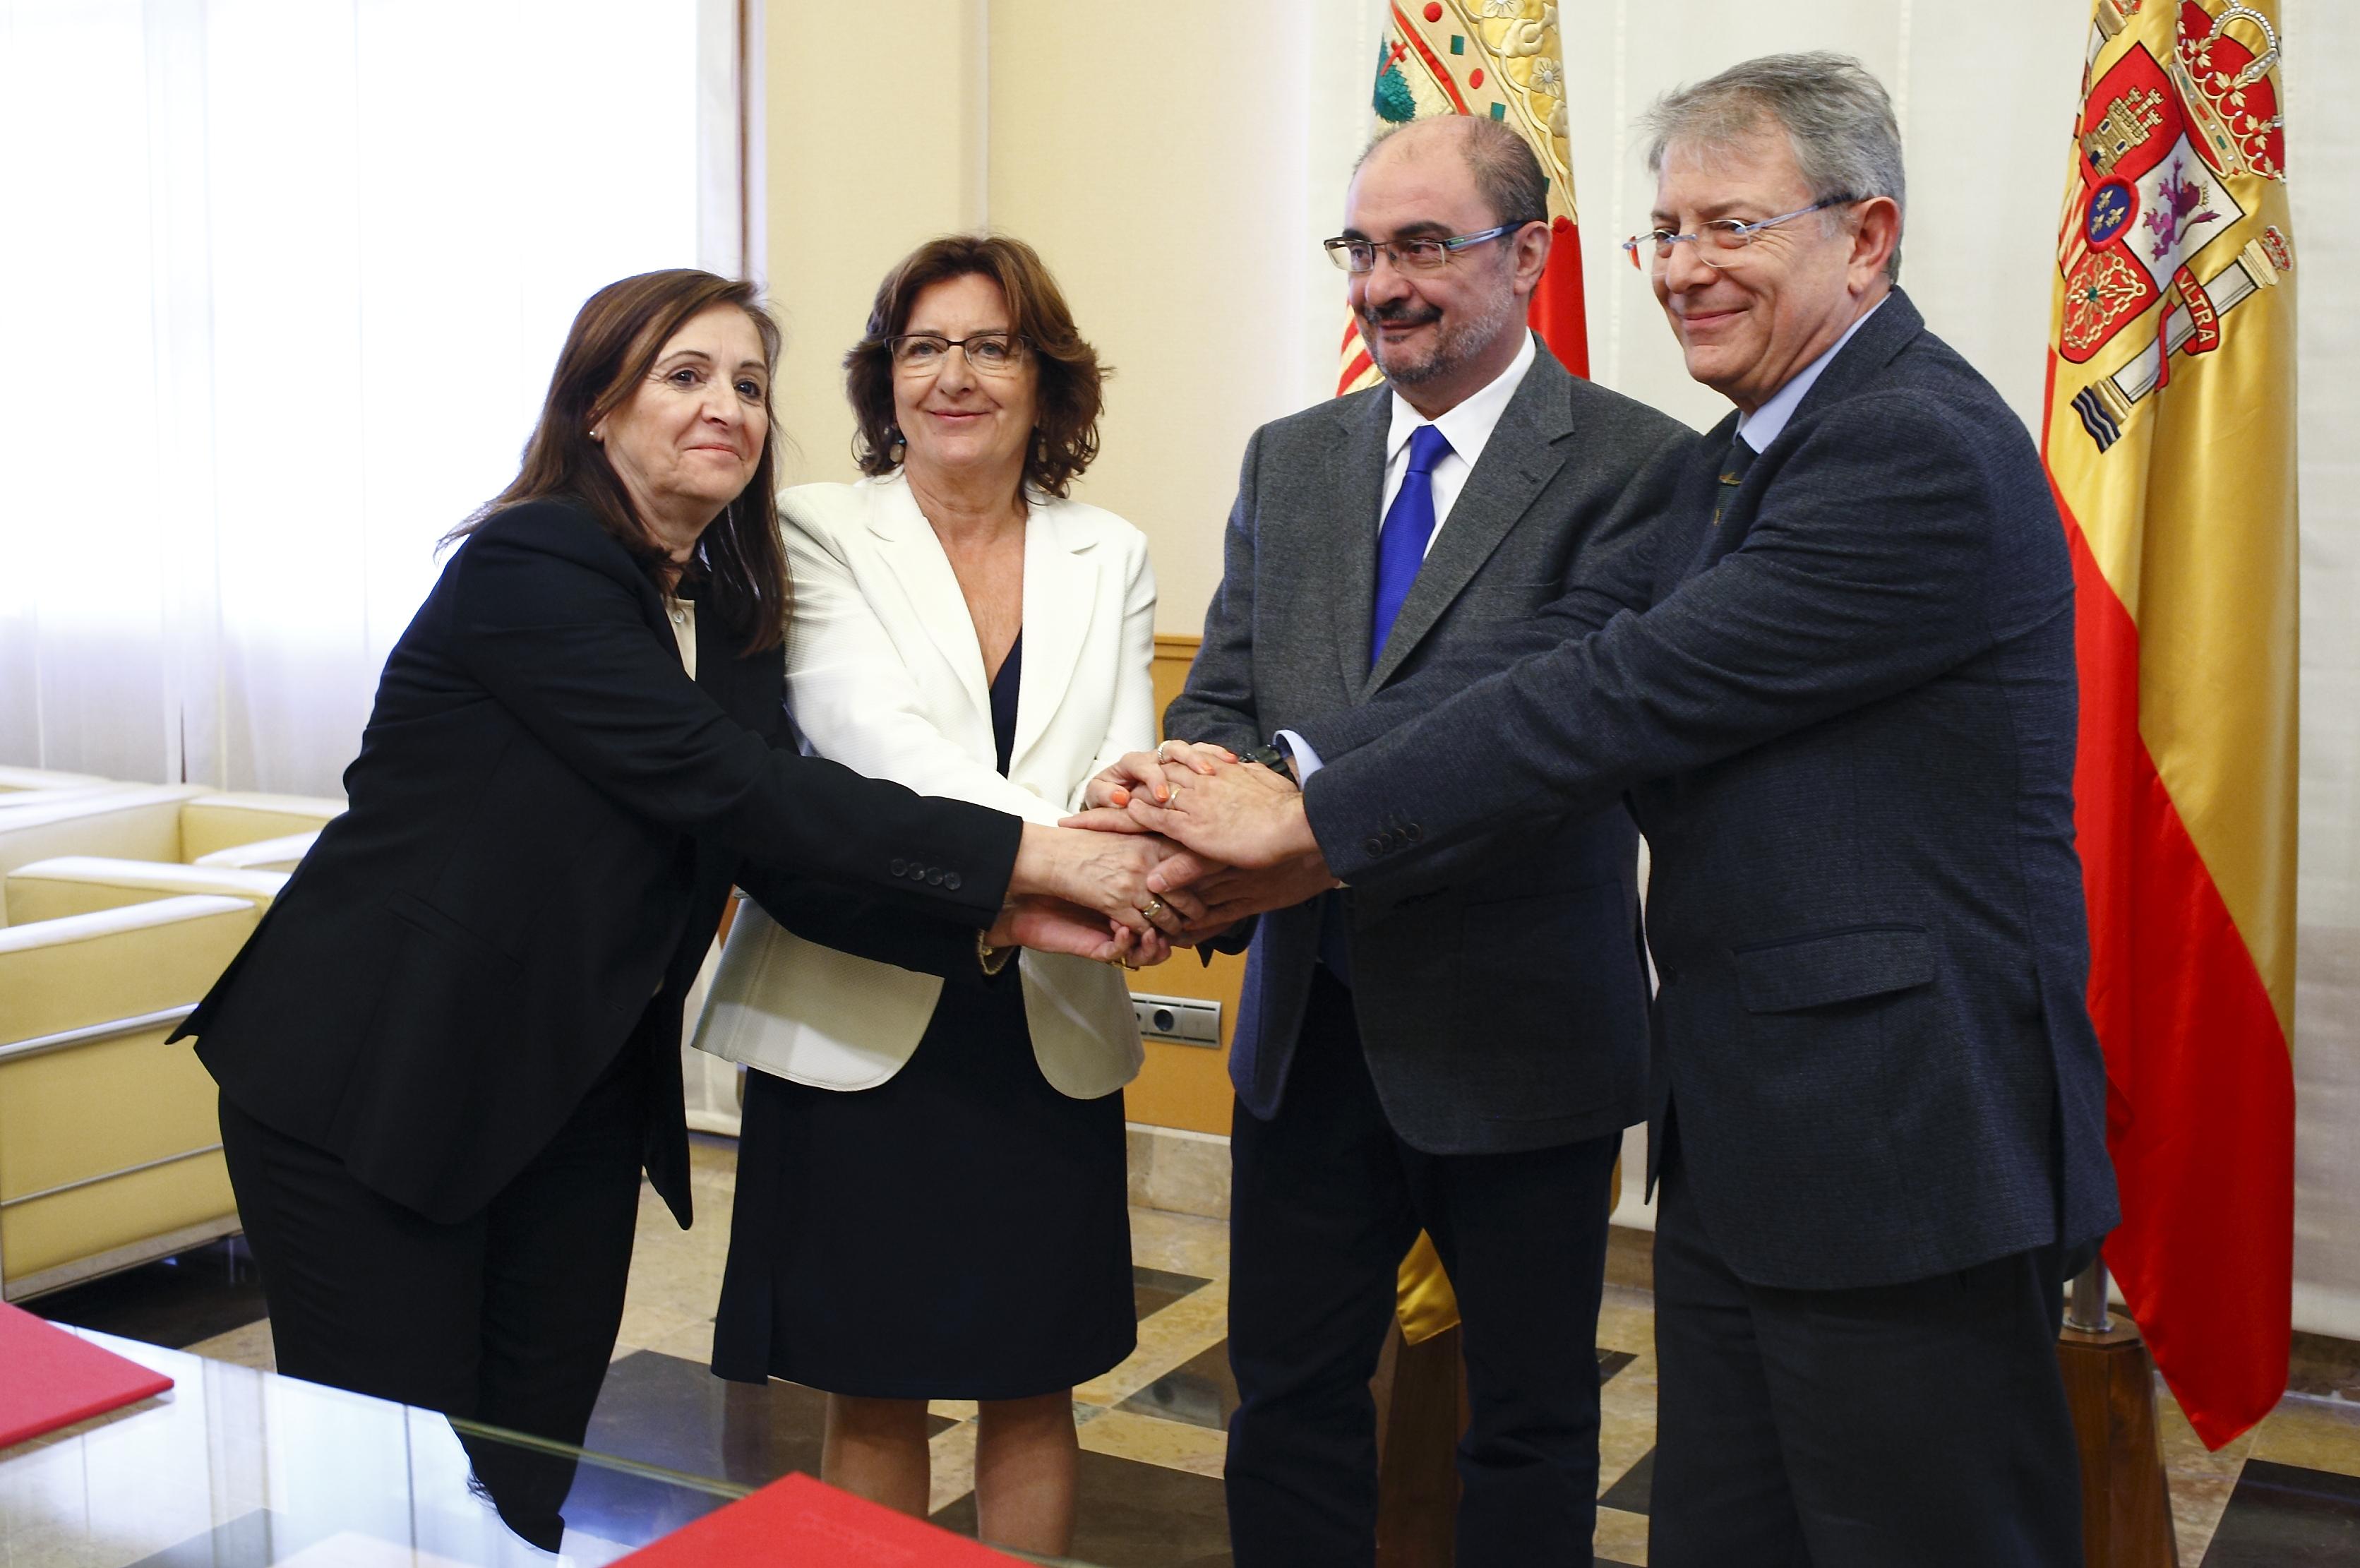 Desde la izquierda,  Carmen Sánchez, María Victoria Broto, Javier Lambán y Antonio Franquesa.